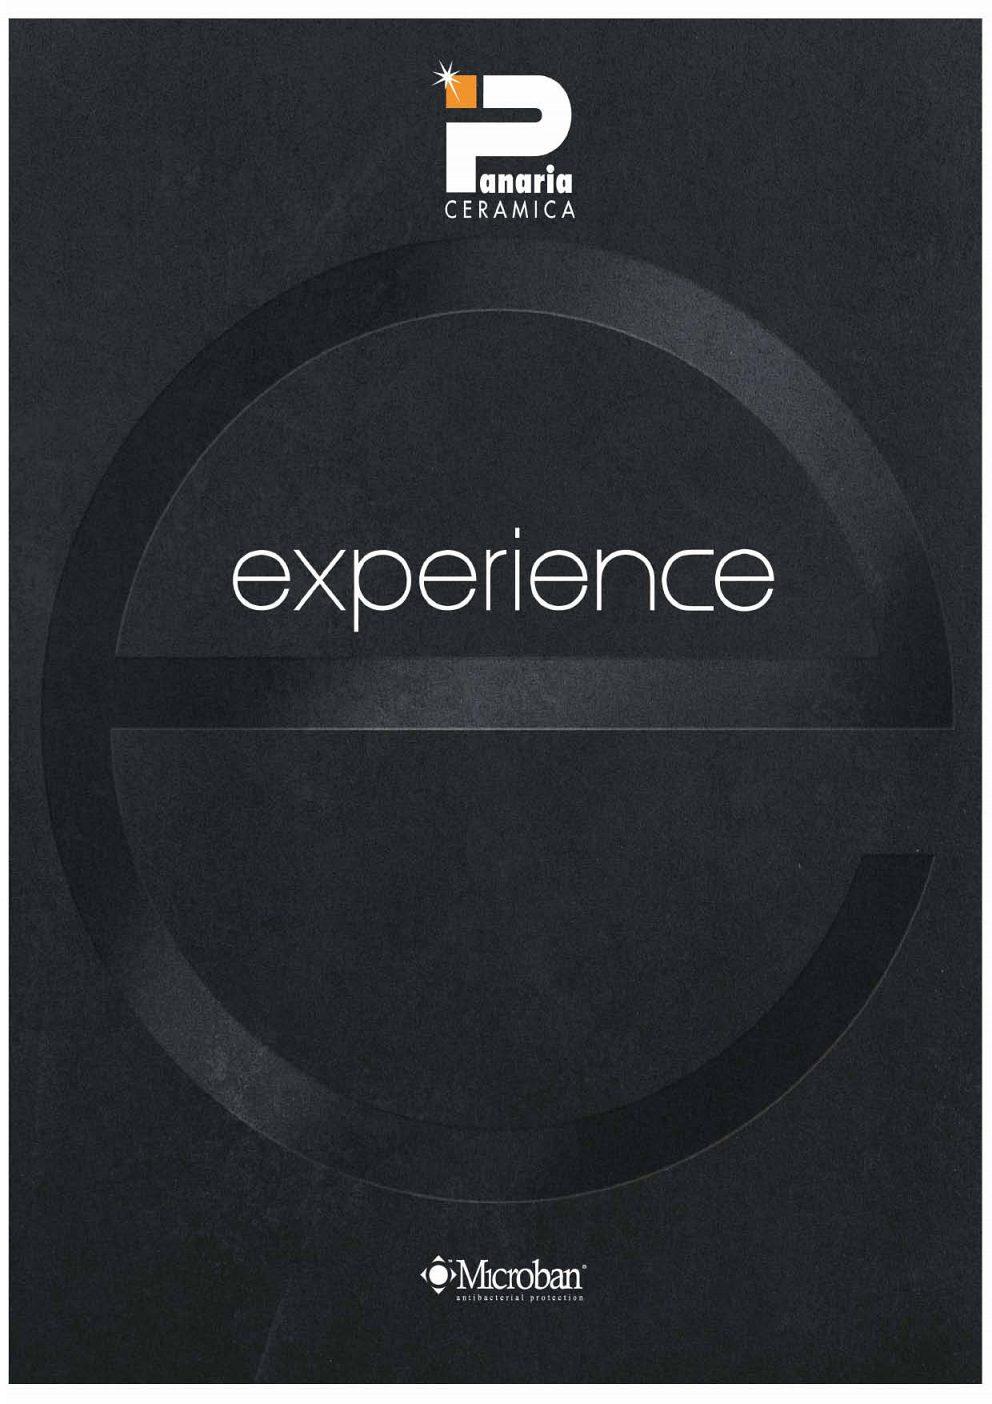 Panaria - Experience